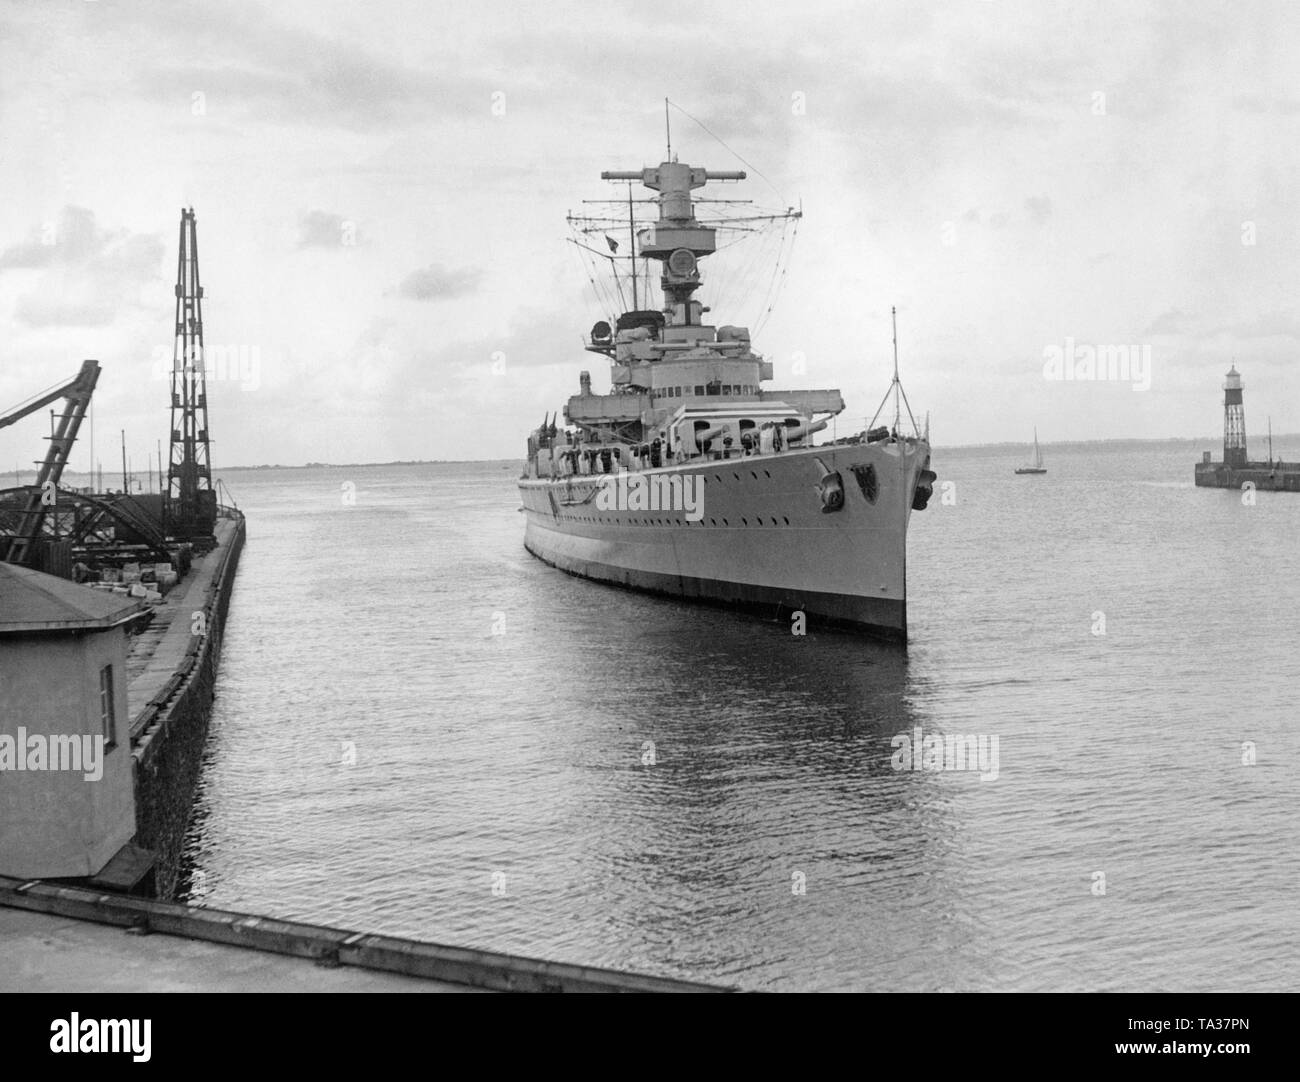 Foto der teilweise zerstörten Heavy Cruiser 'Deutschland' bei der Einfahrt in den Hafen von Wilhelmshaven an der Nordsee im Juni 1937. Nach rechts und links, die Hafenanlagen. Stockbild